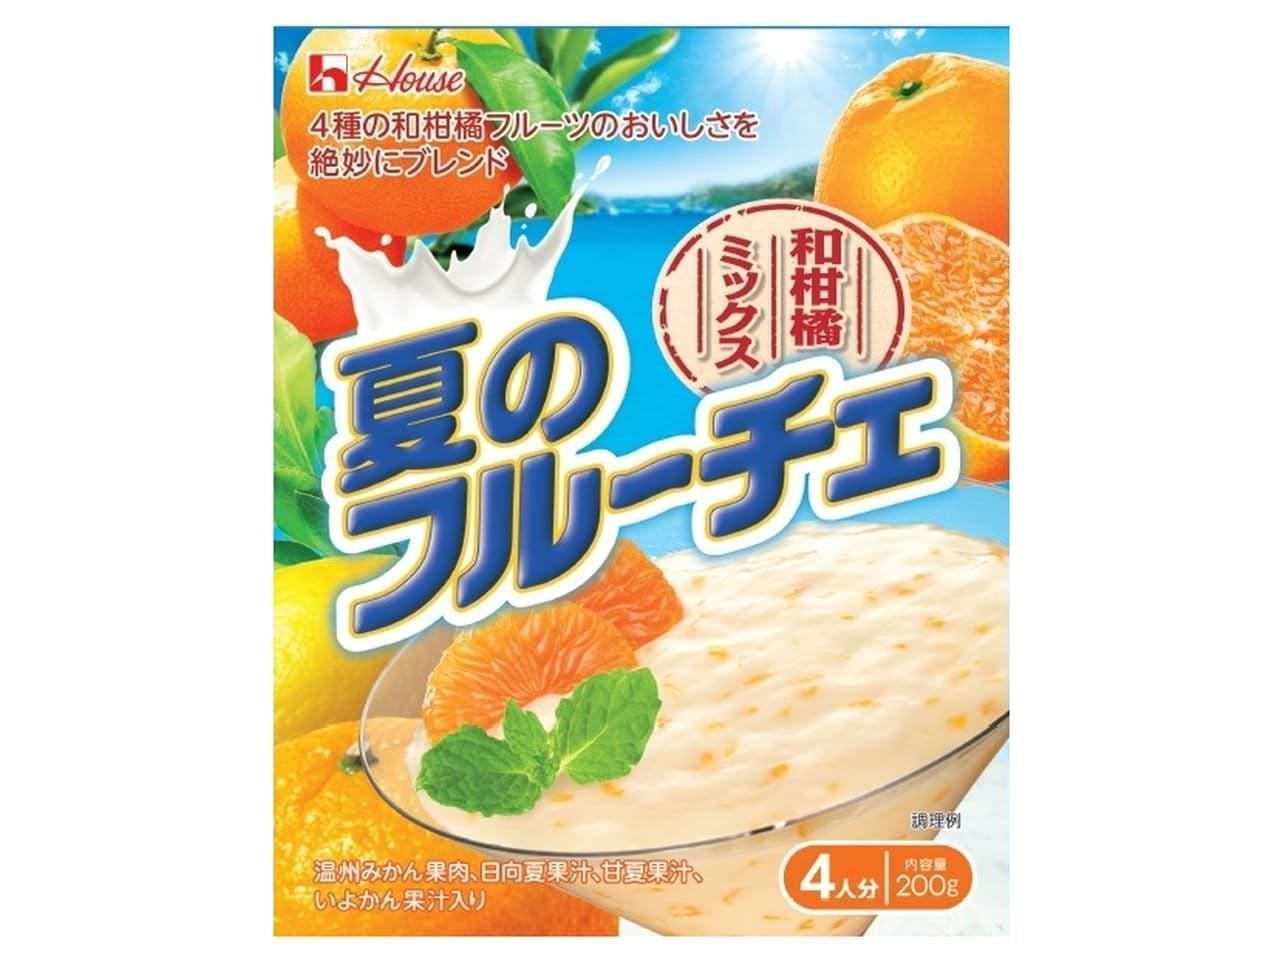 『フルーチェ』の夏季限定商品「夏のフルーチェ」